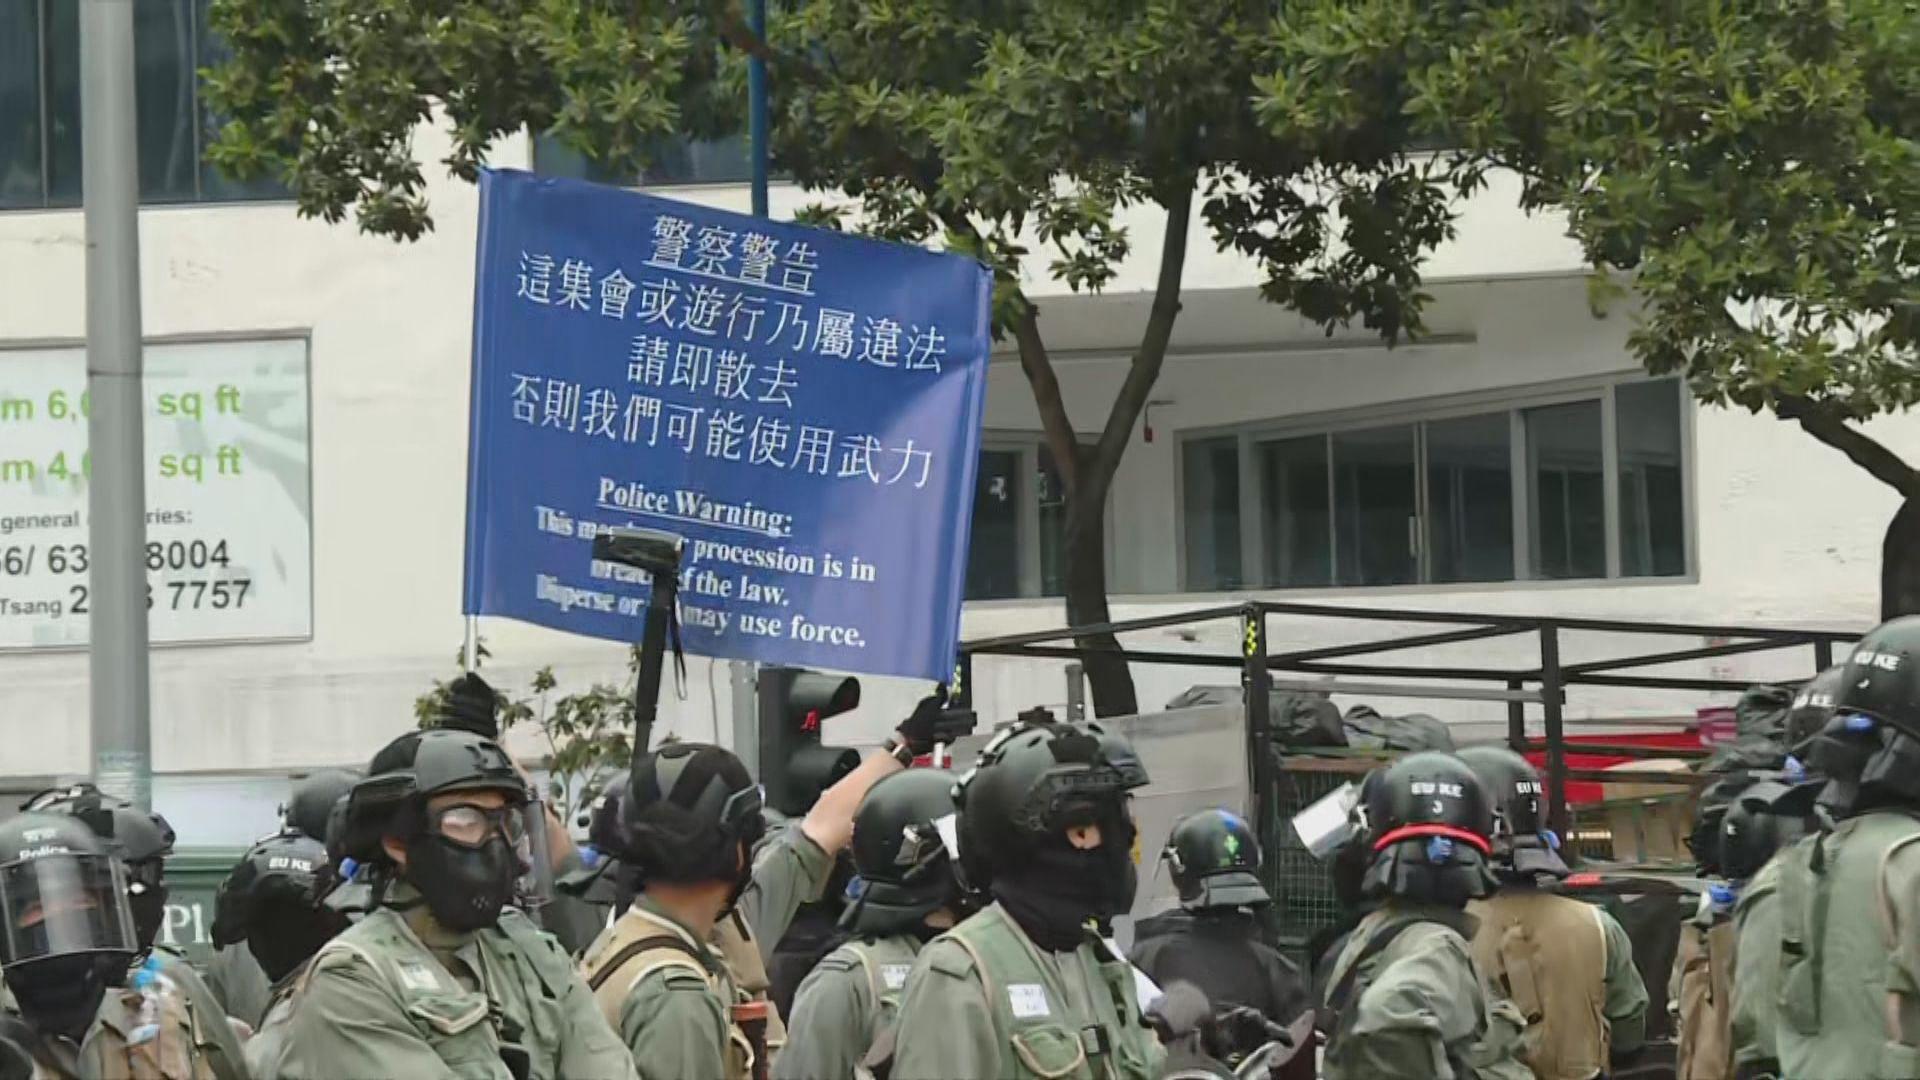 市民於觀塘發起午間遊行 警舉藍旗警告